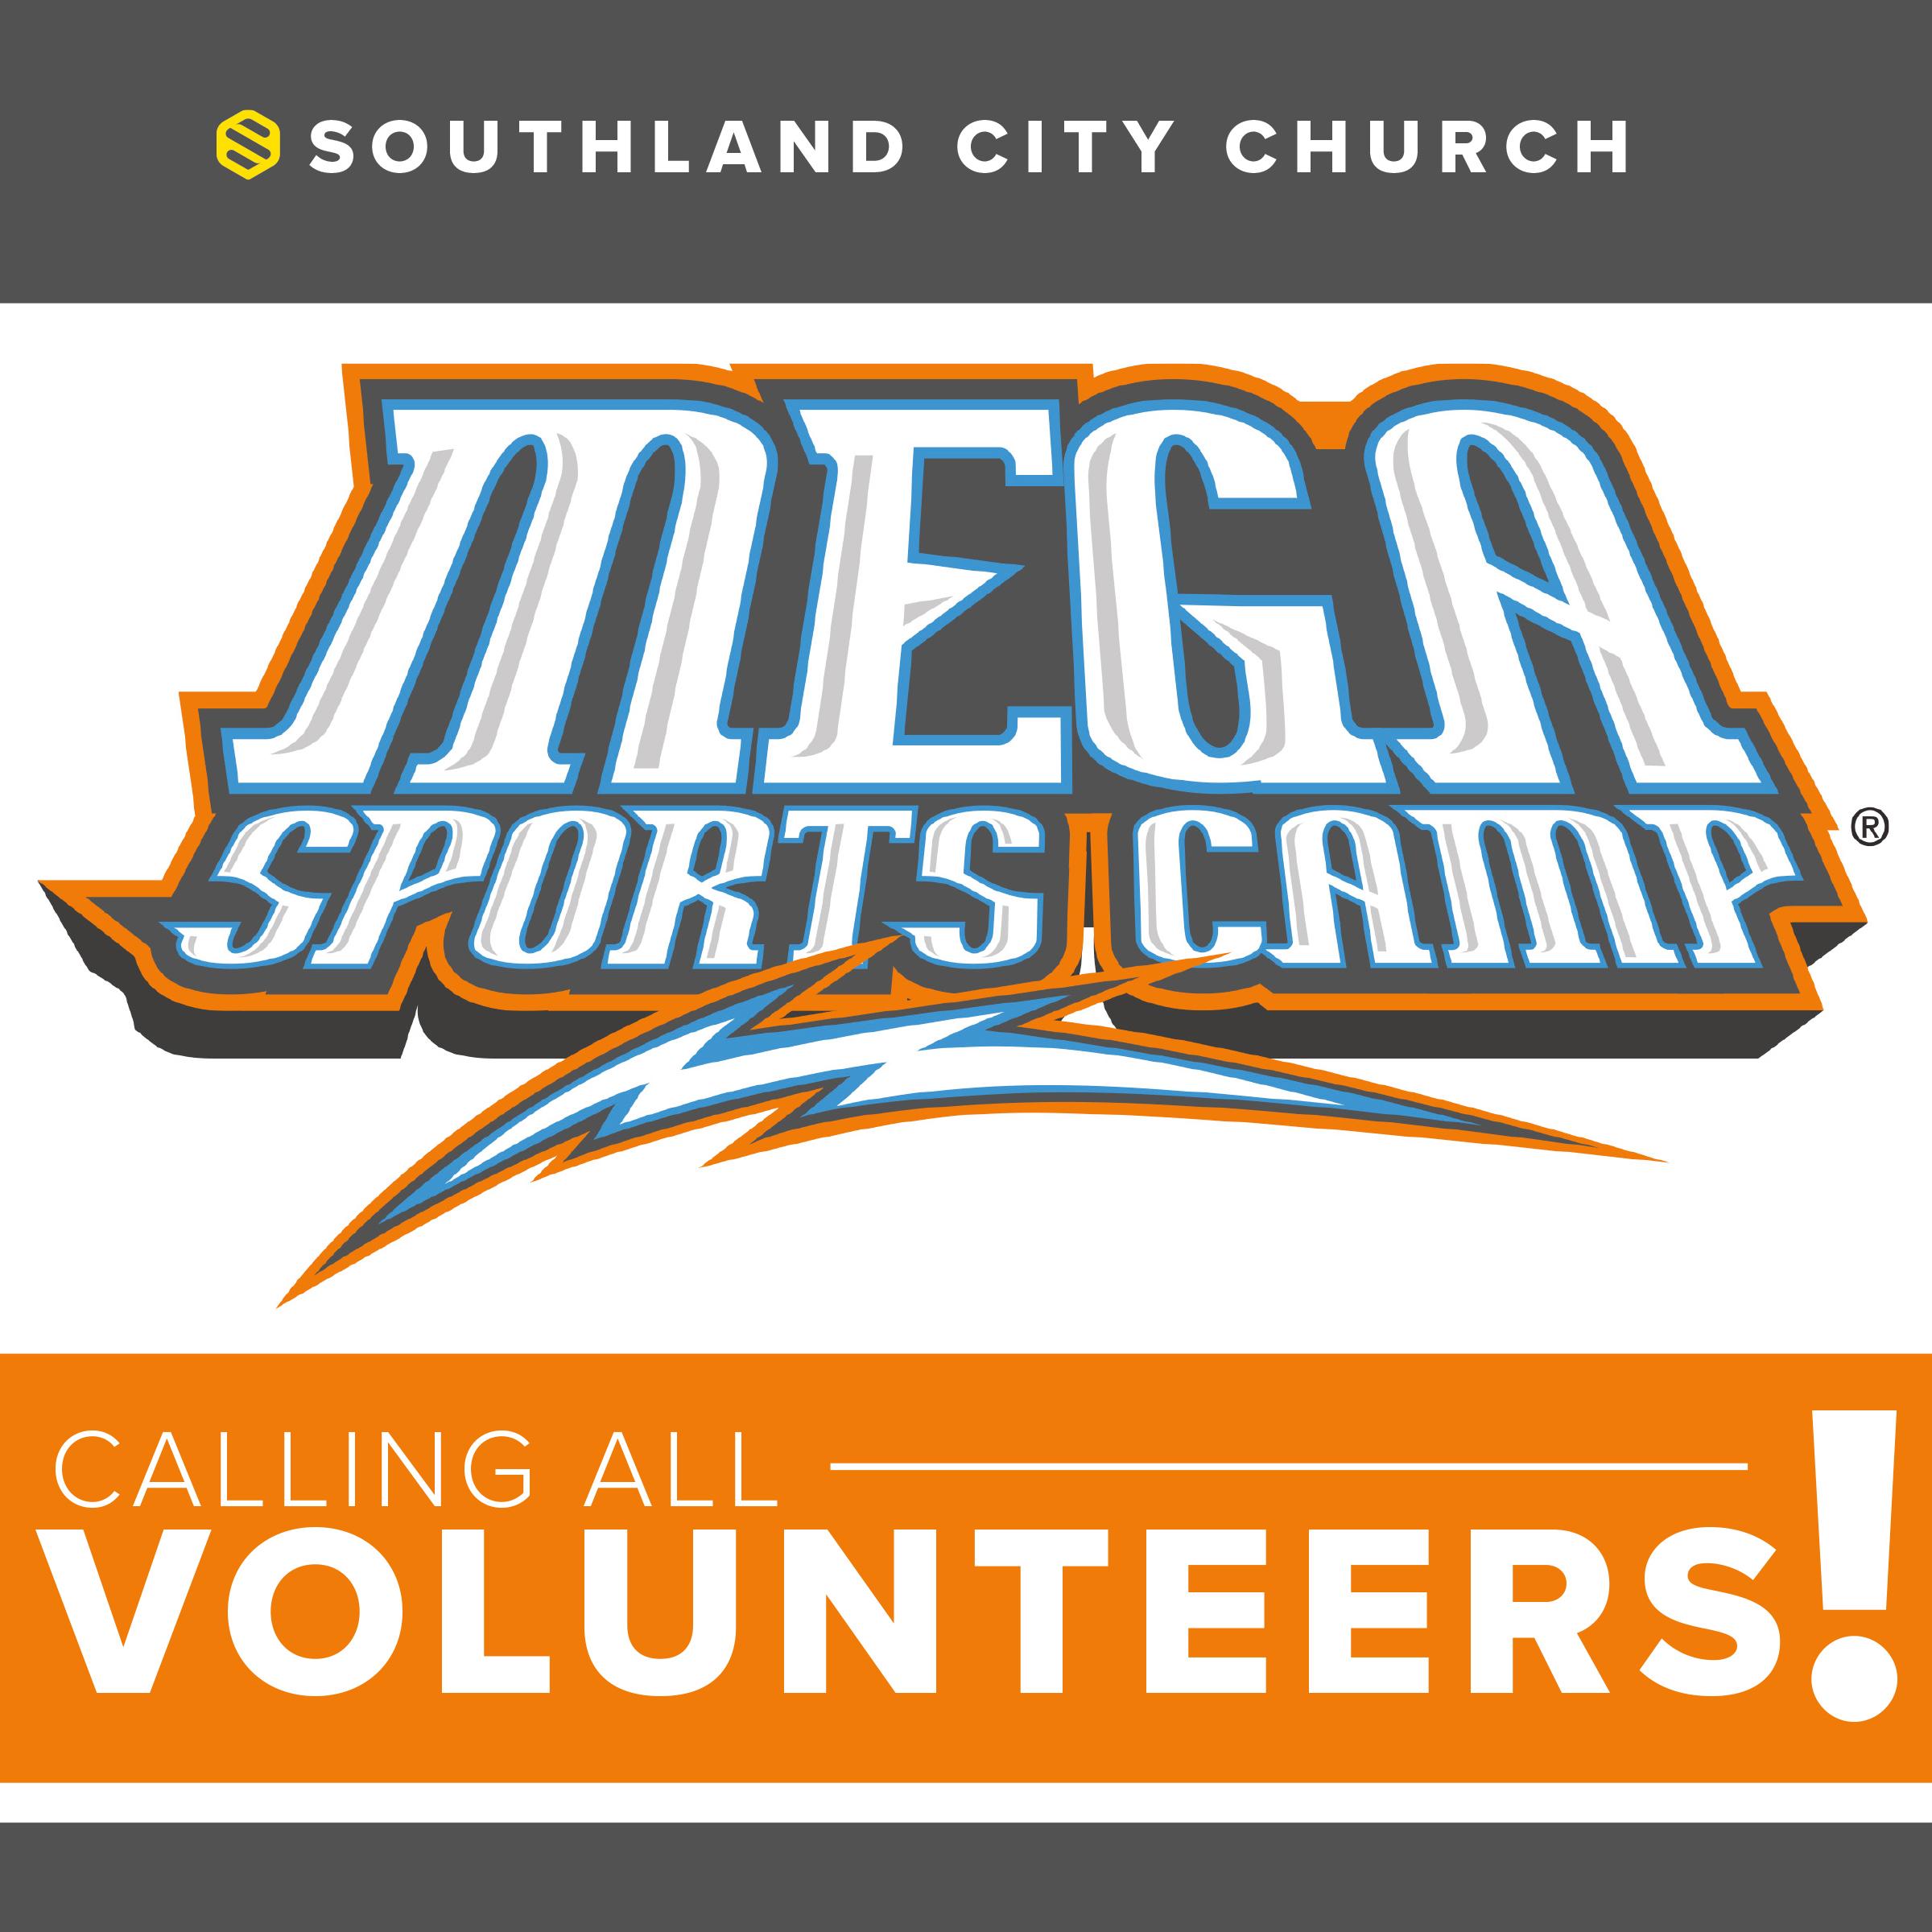 Volunteer registration logo